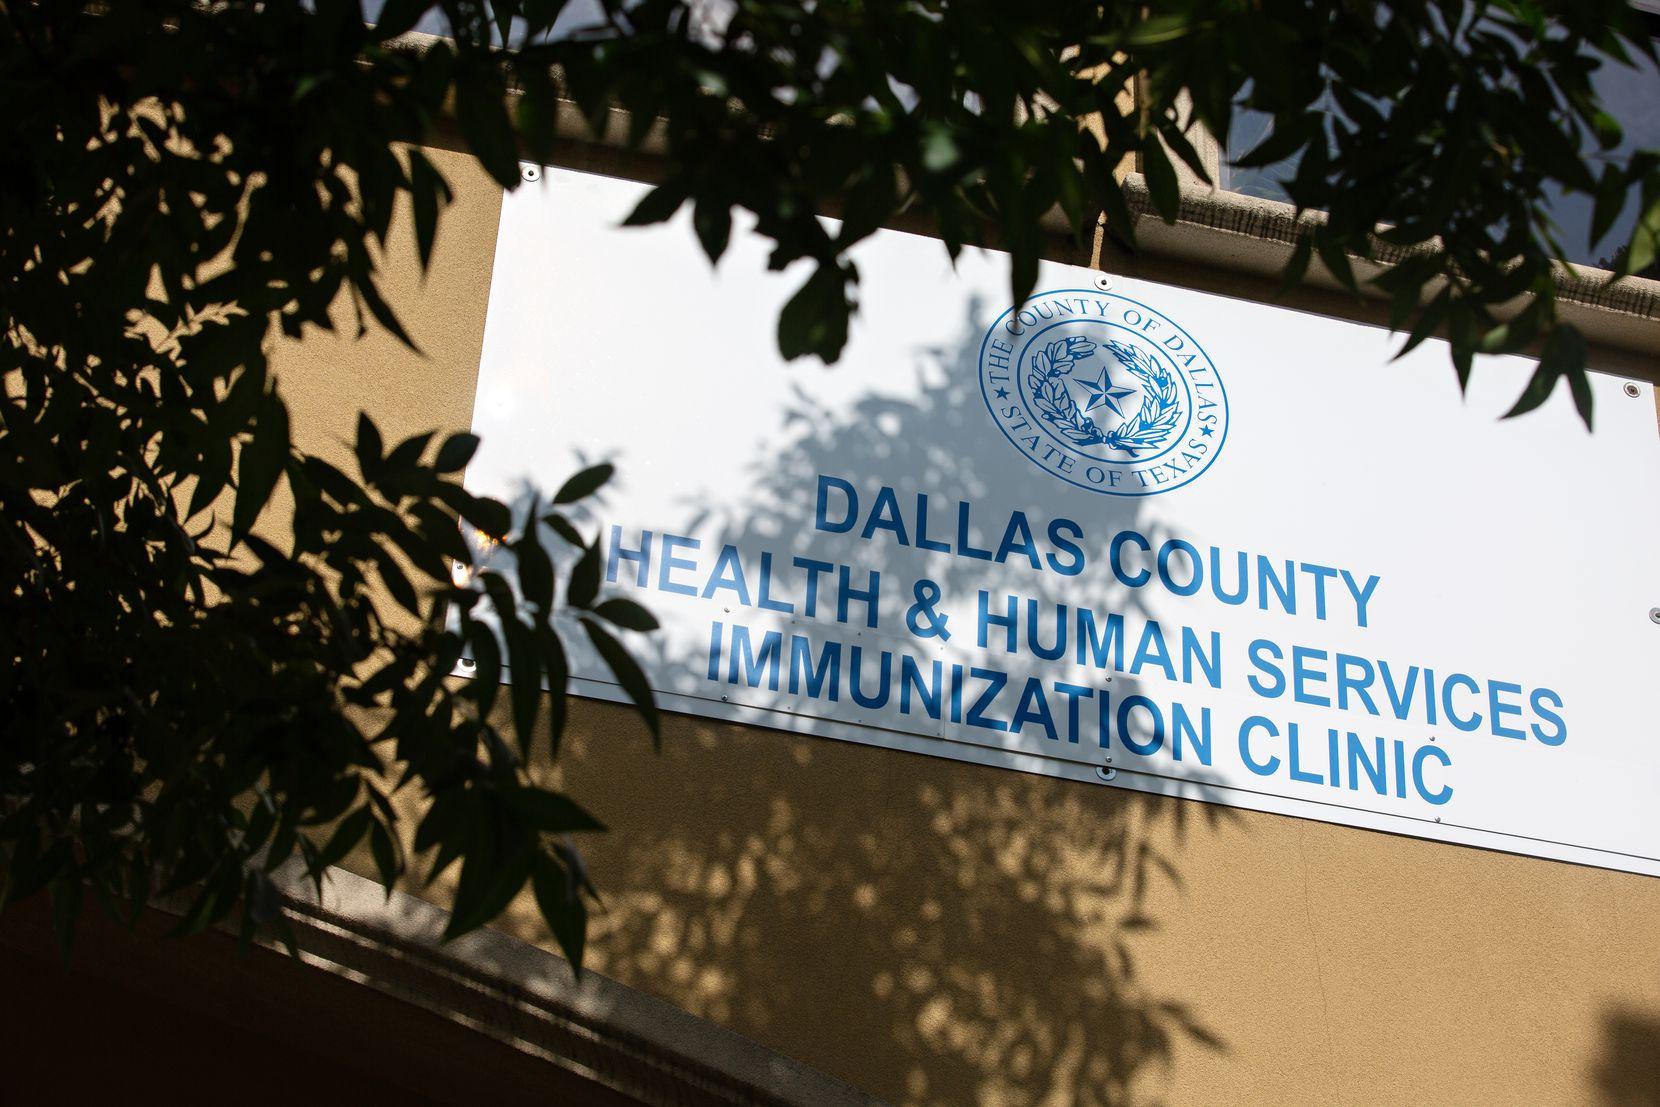 Las vacunas requeridas para estudiantes de kínder a doceavo grado se pueden encontrar en algunas clínicas de inmunización del Departamento de Salud y Servicios Humanos del condado de Dallas como Jefferson-Oak Cliff Branch Immunization Clinic. Las Clínicas para Jóvenes y Familias del Hospital Parkland también las ofrecen. (Shelby Tauber/Special Contributor)